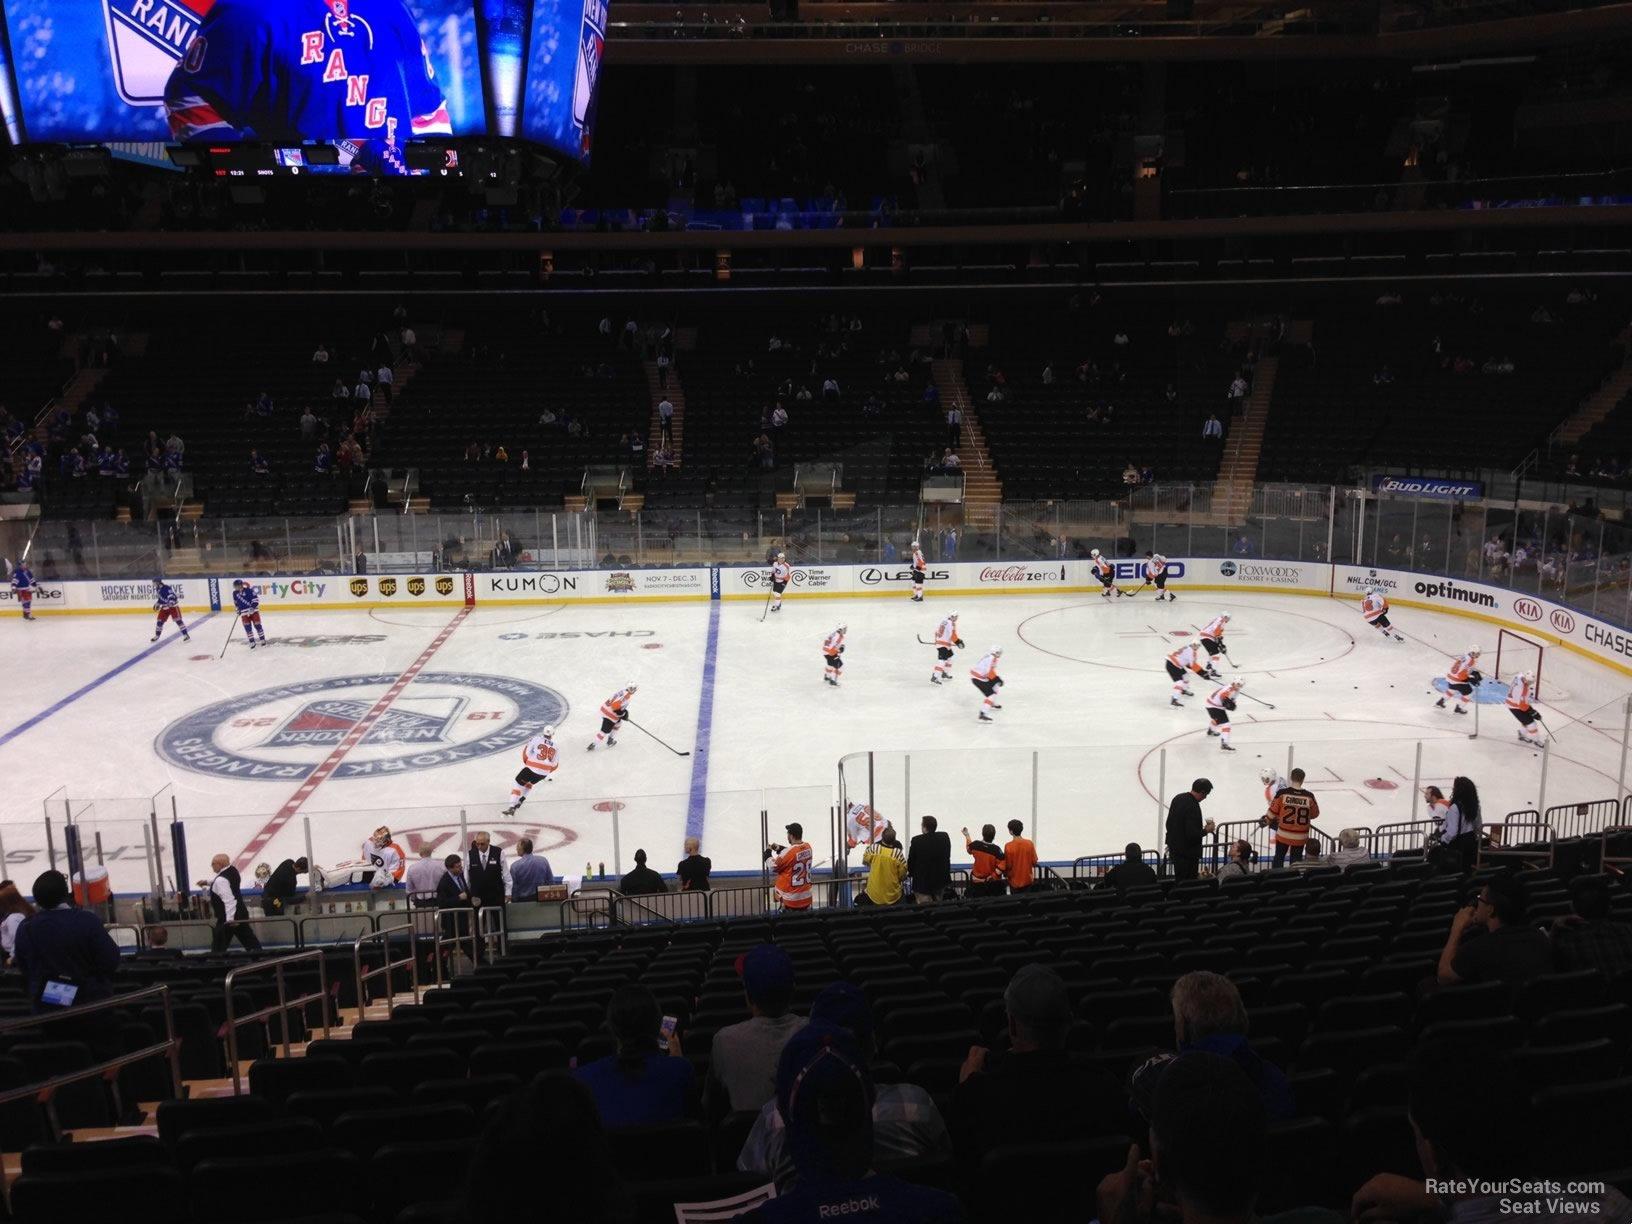 Section 108 Row 18 Madison Square Garden Garden Ftempo